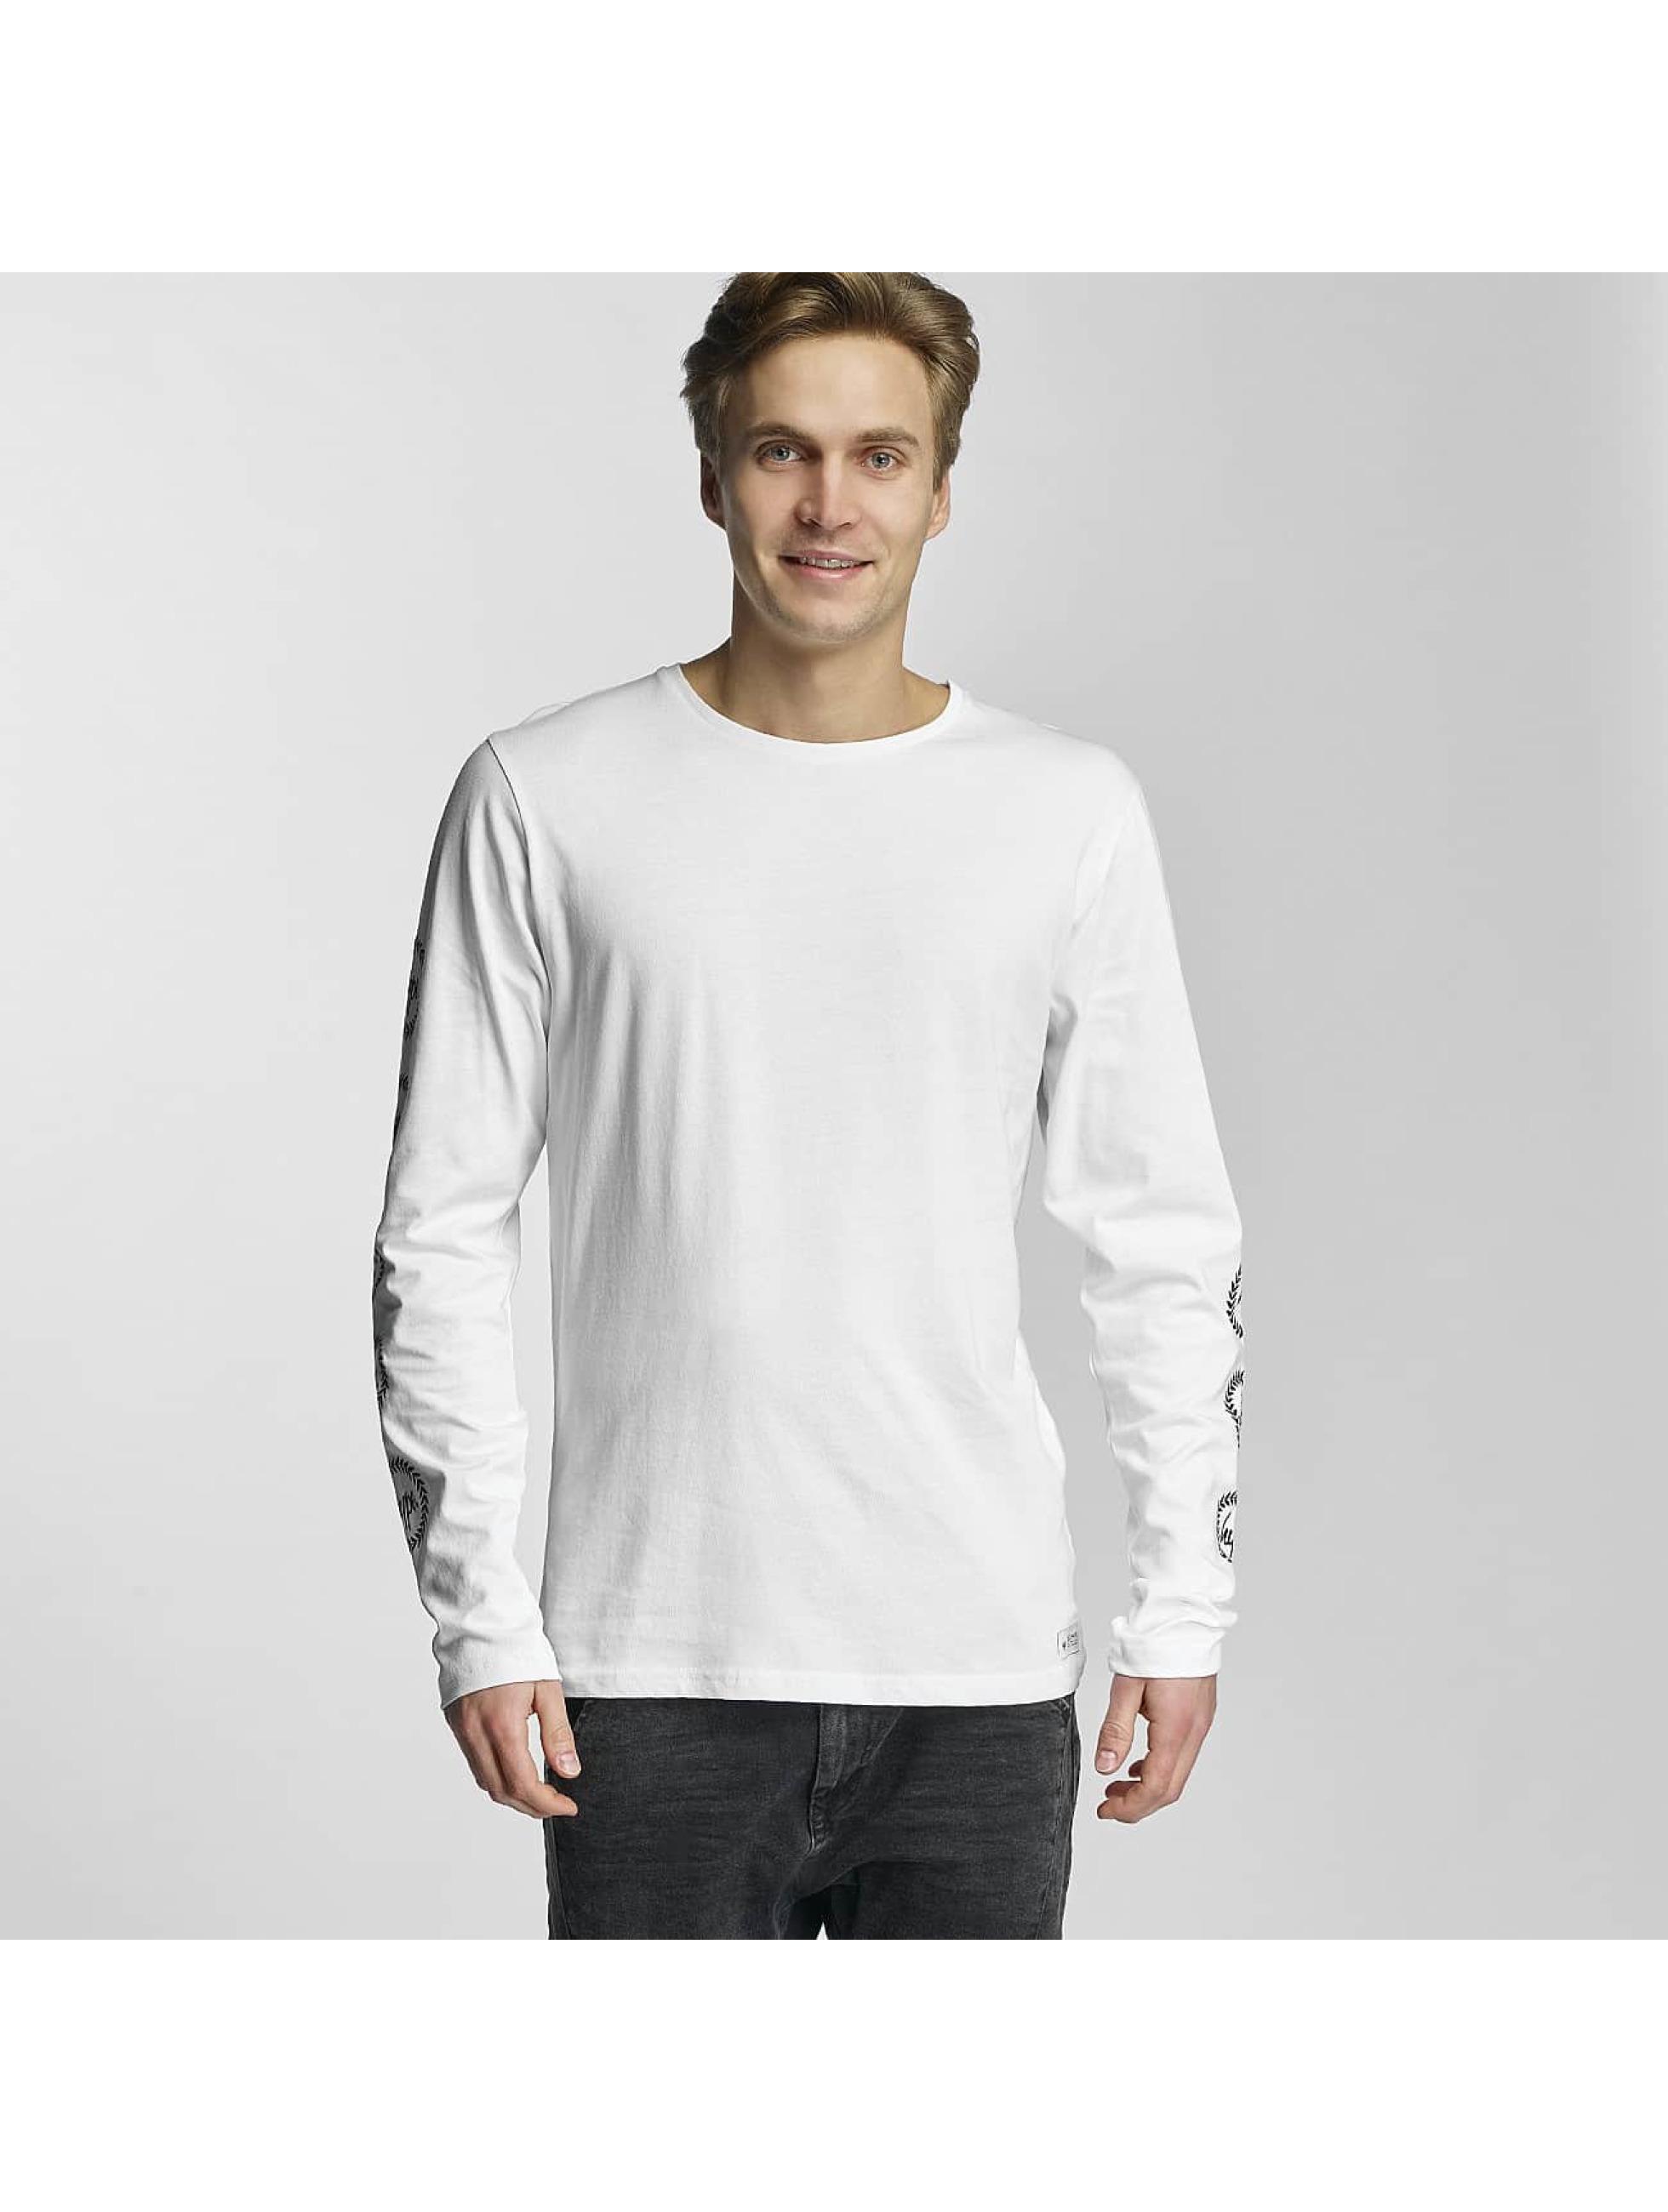 HYPE Longsleeve Crest white